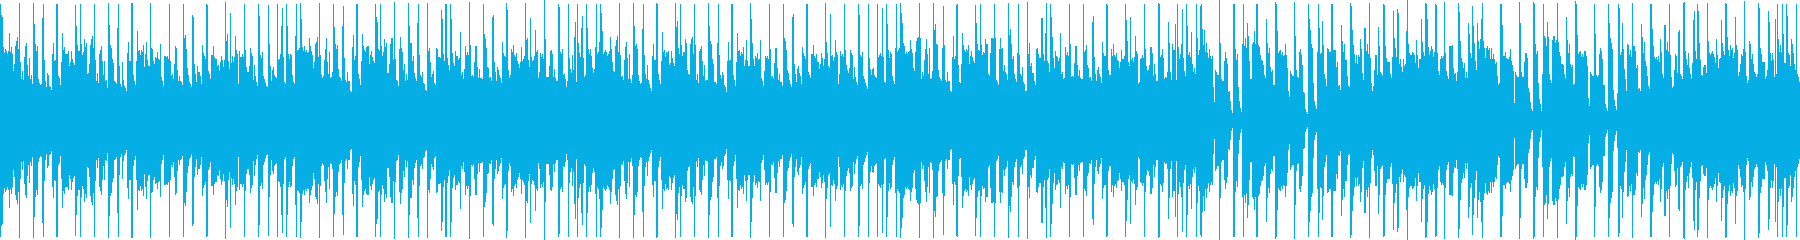 ピアノメインでシンプルな切ない曲の再生済みの波形